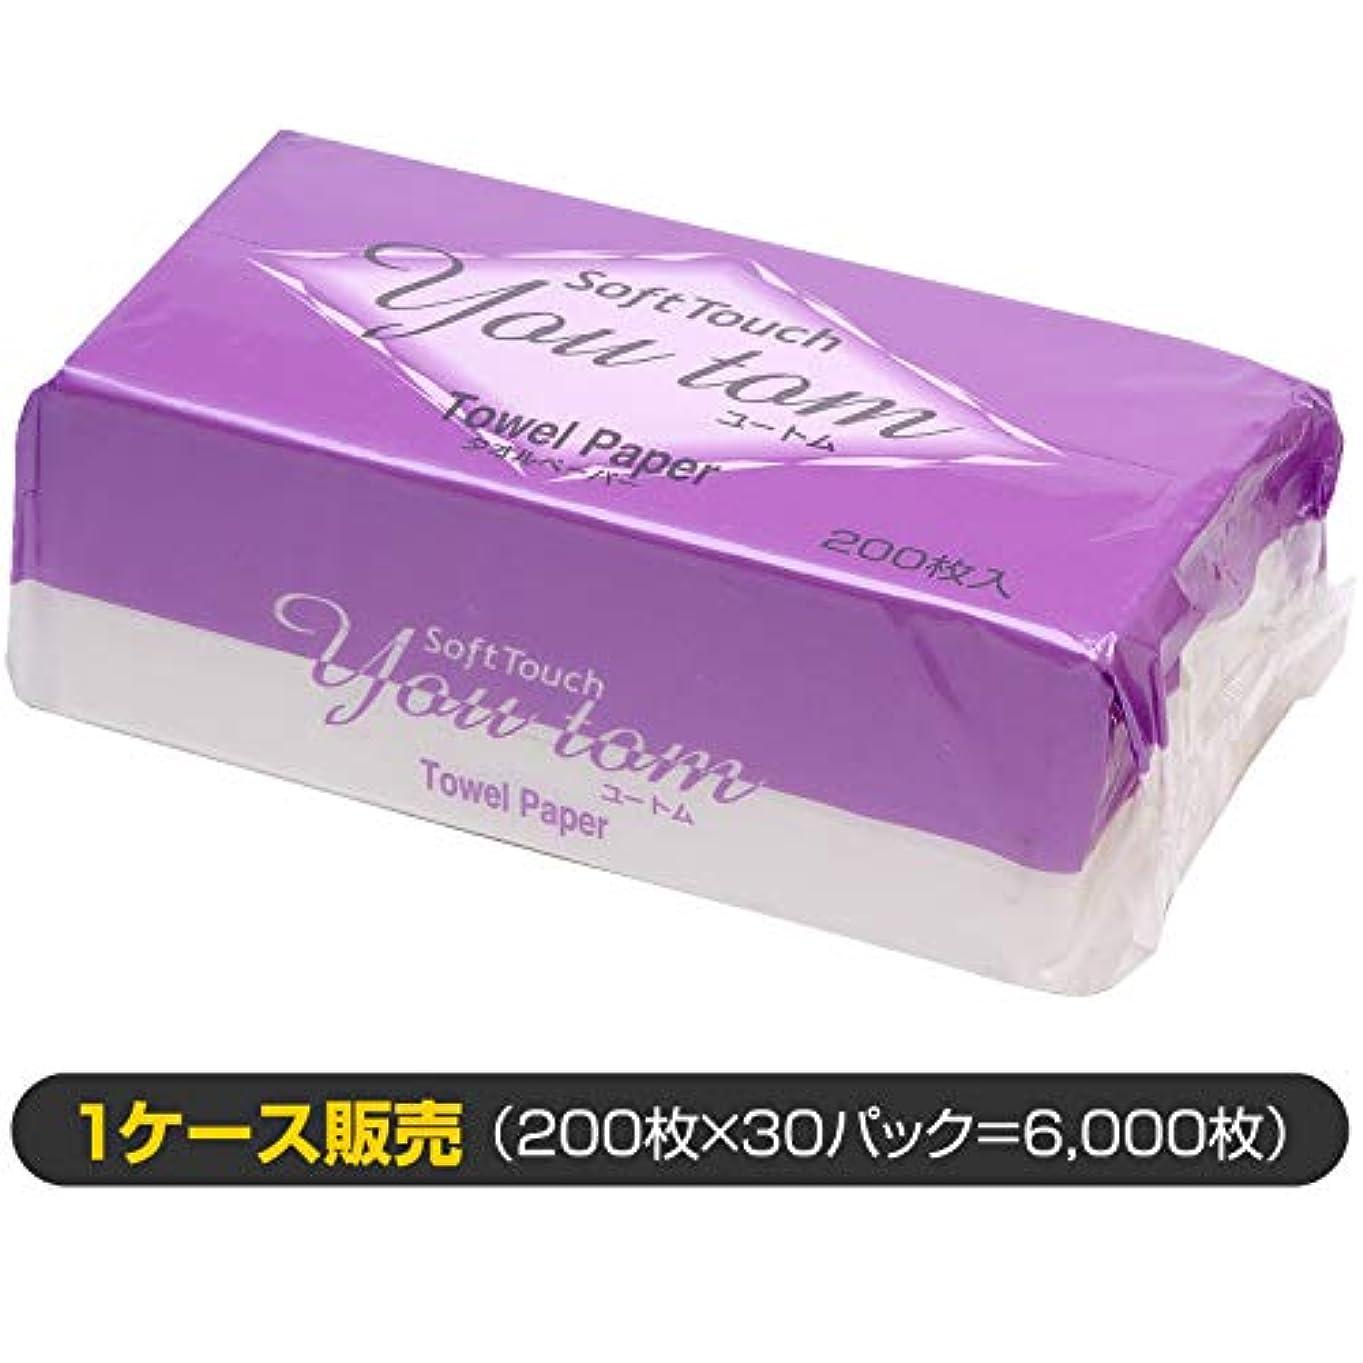 上がる松ラブペーパータオル ユートム/1ケース販売(清潔キレイ館/レギュラーサイズ用)